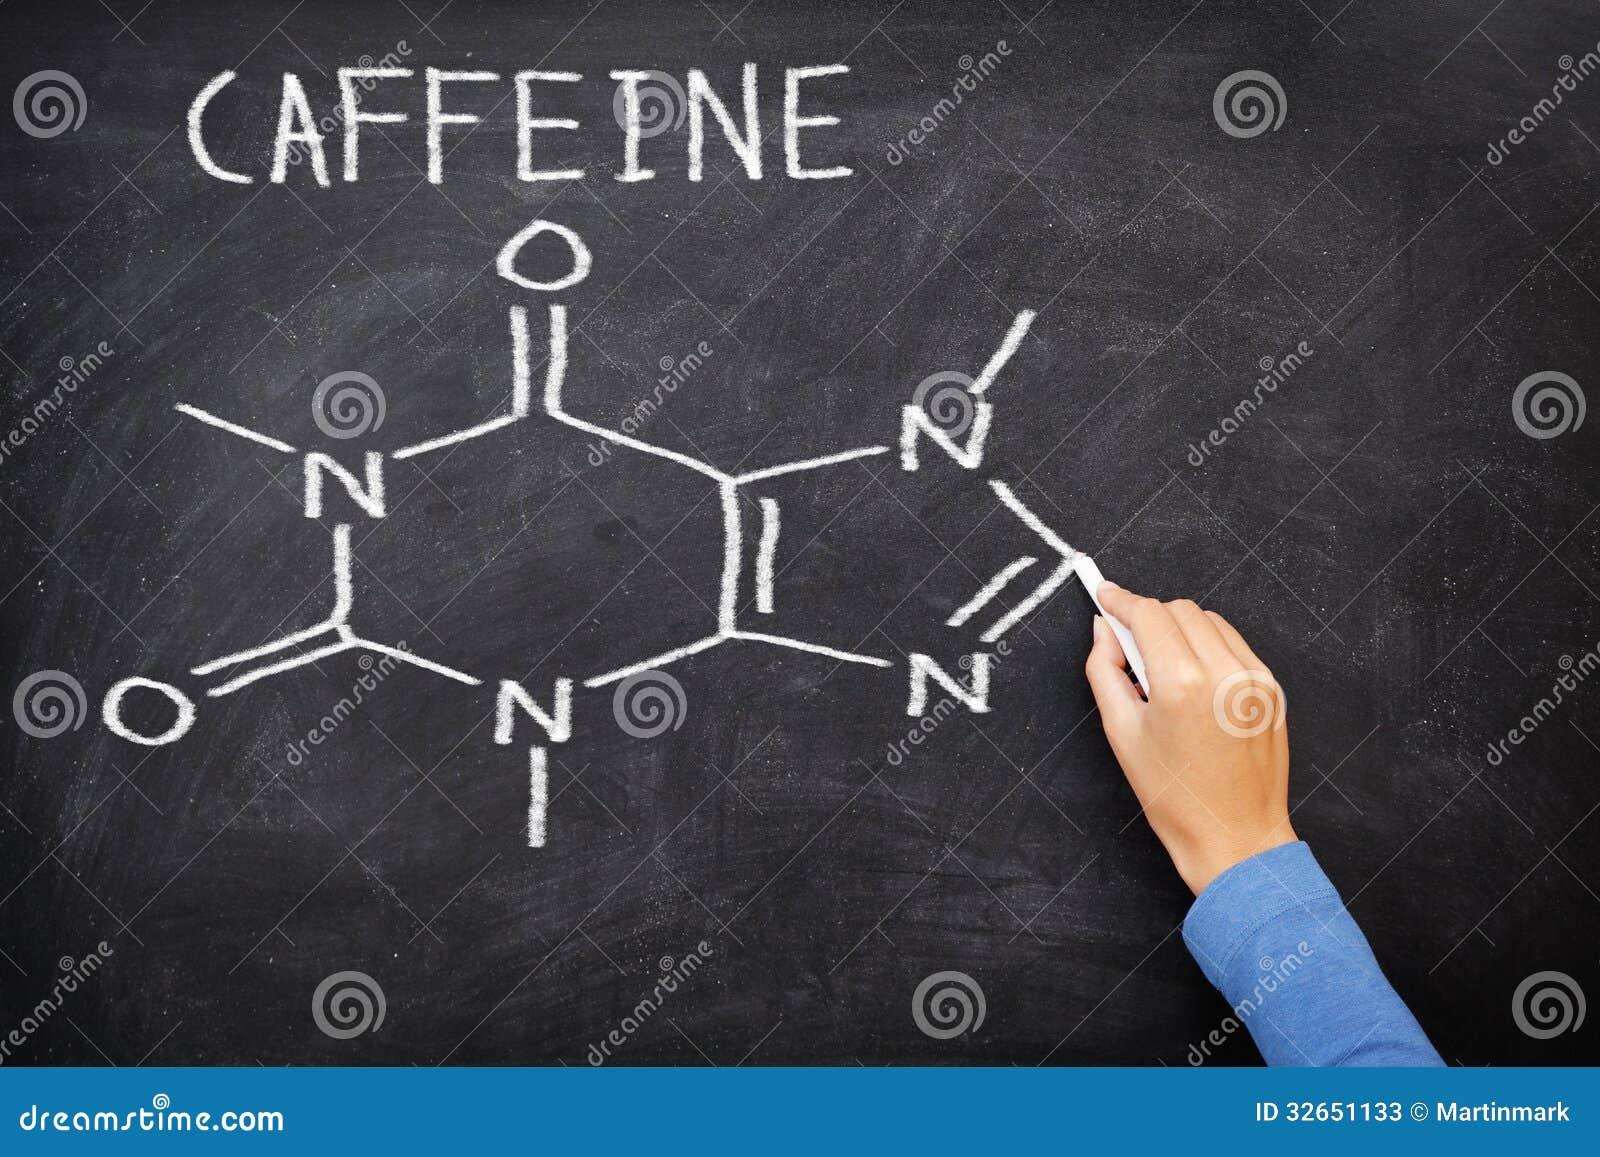 Kemisk molekylstruktur för koffein på svart tavla